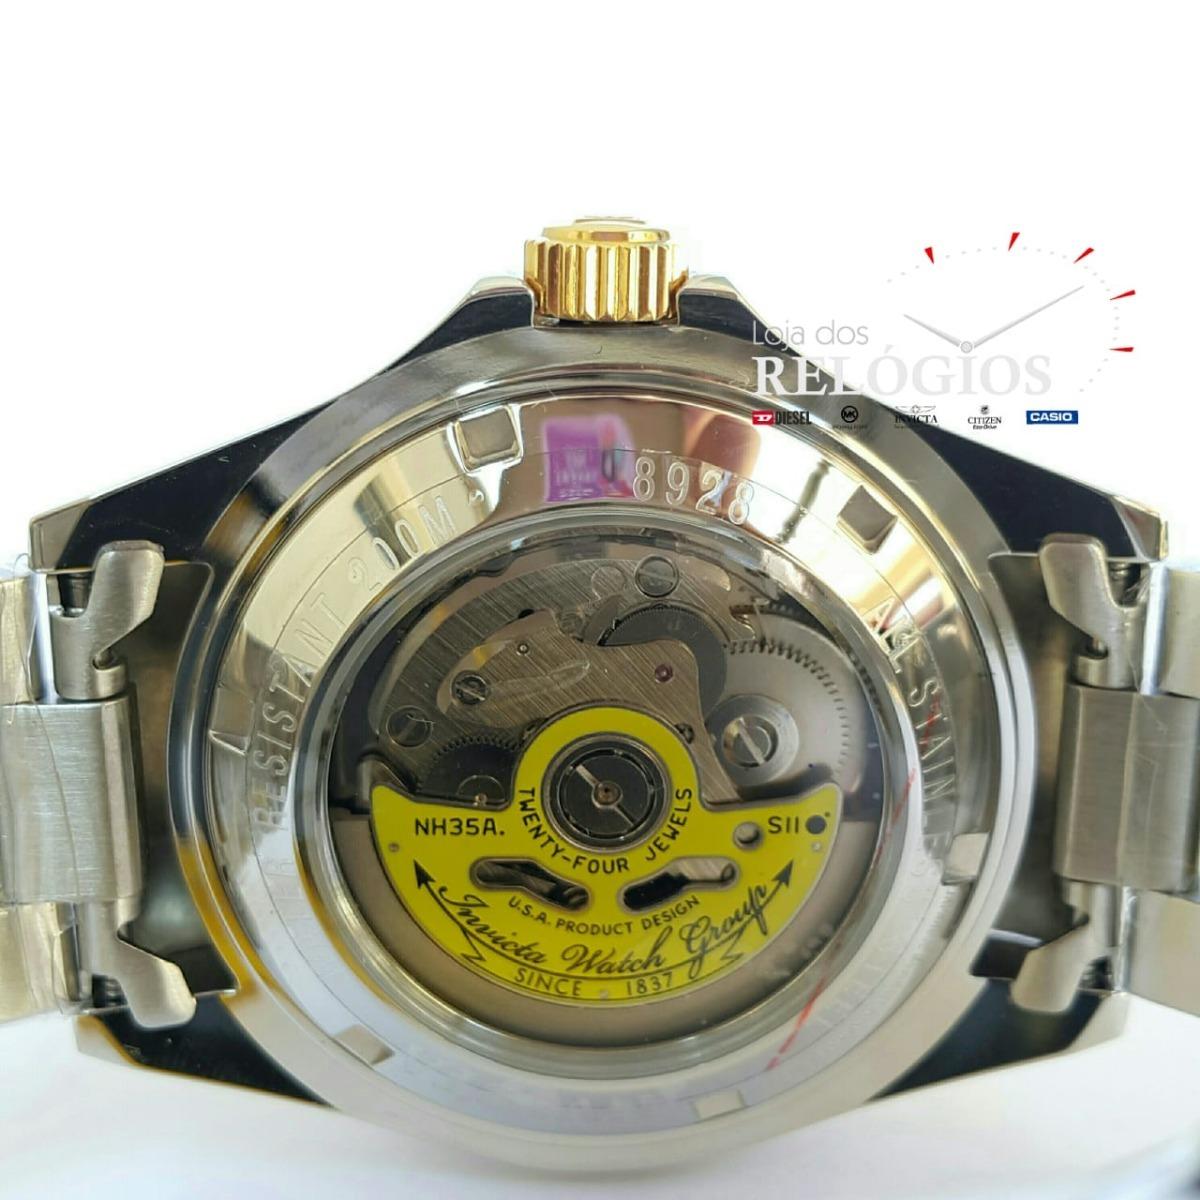 5687932624e Relógio Invicta Pro Diver Mod 8928 Original Preto Rolex - R  629